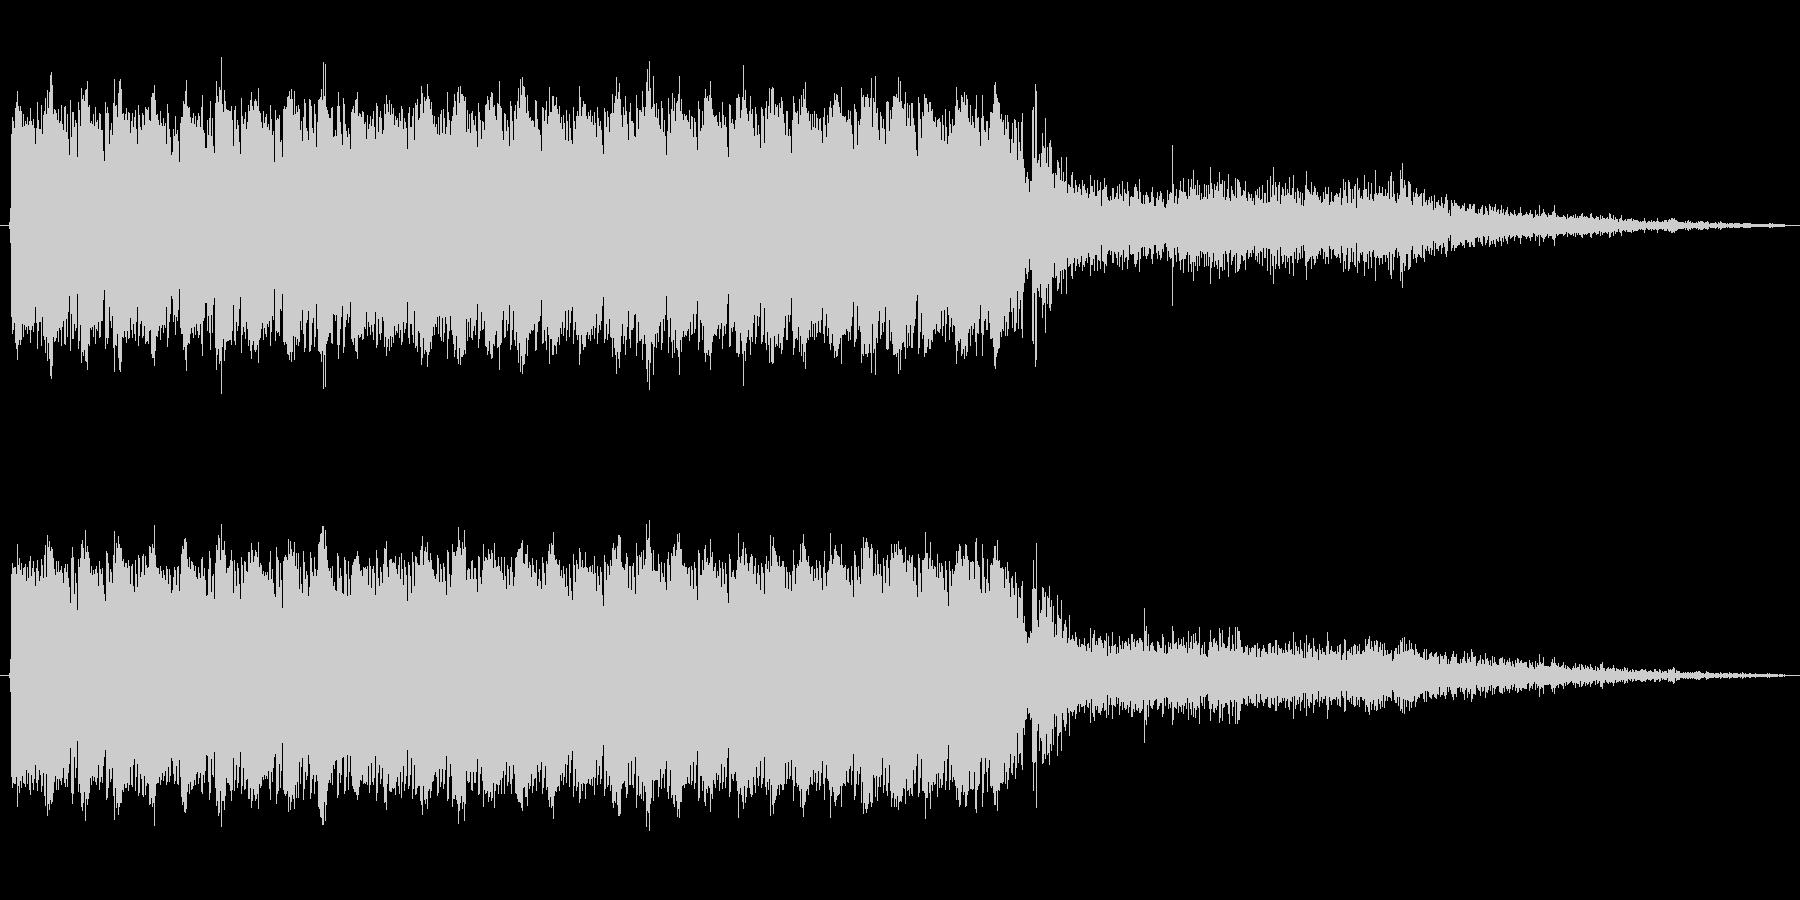 アサルトライフルの連射音の未再生の波形